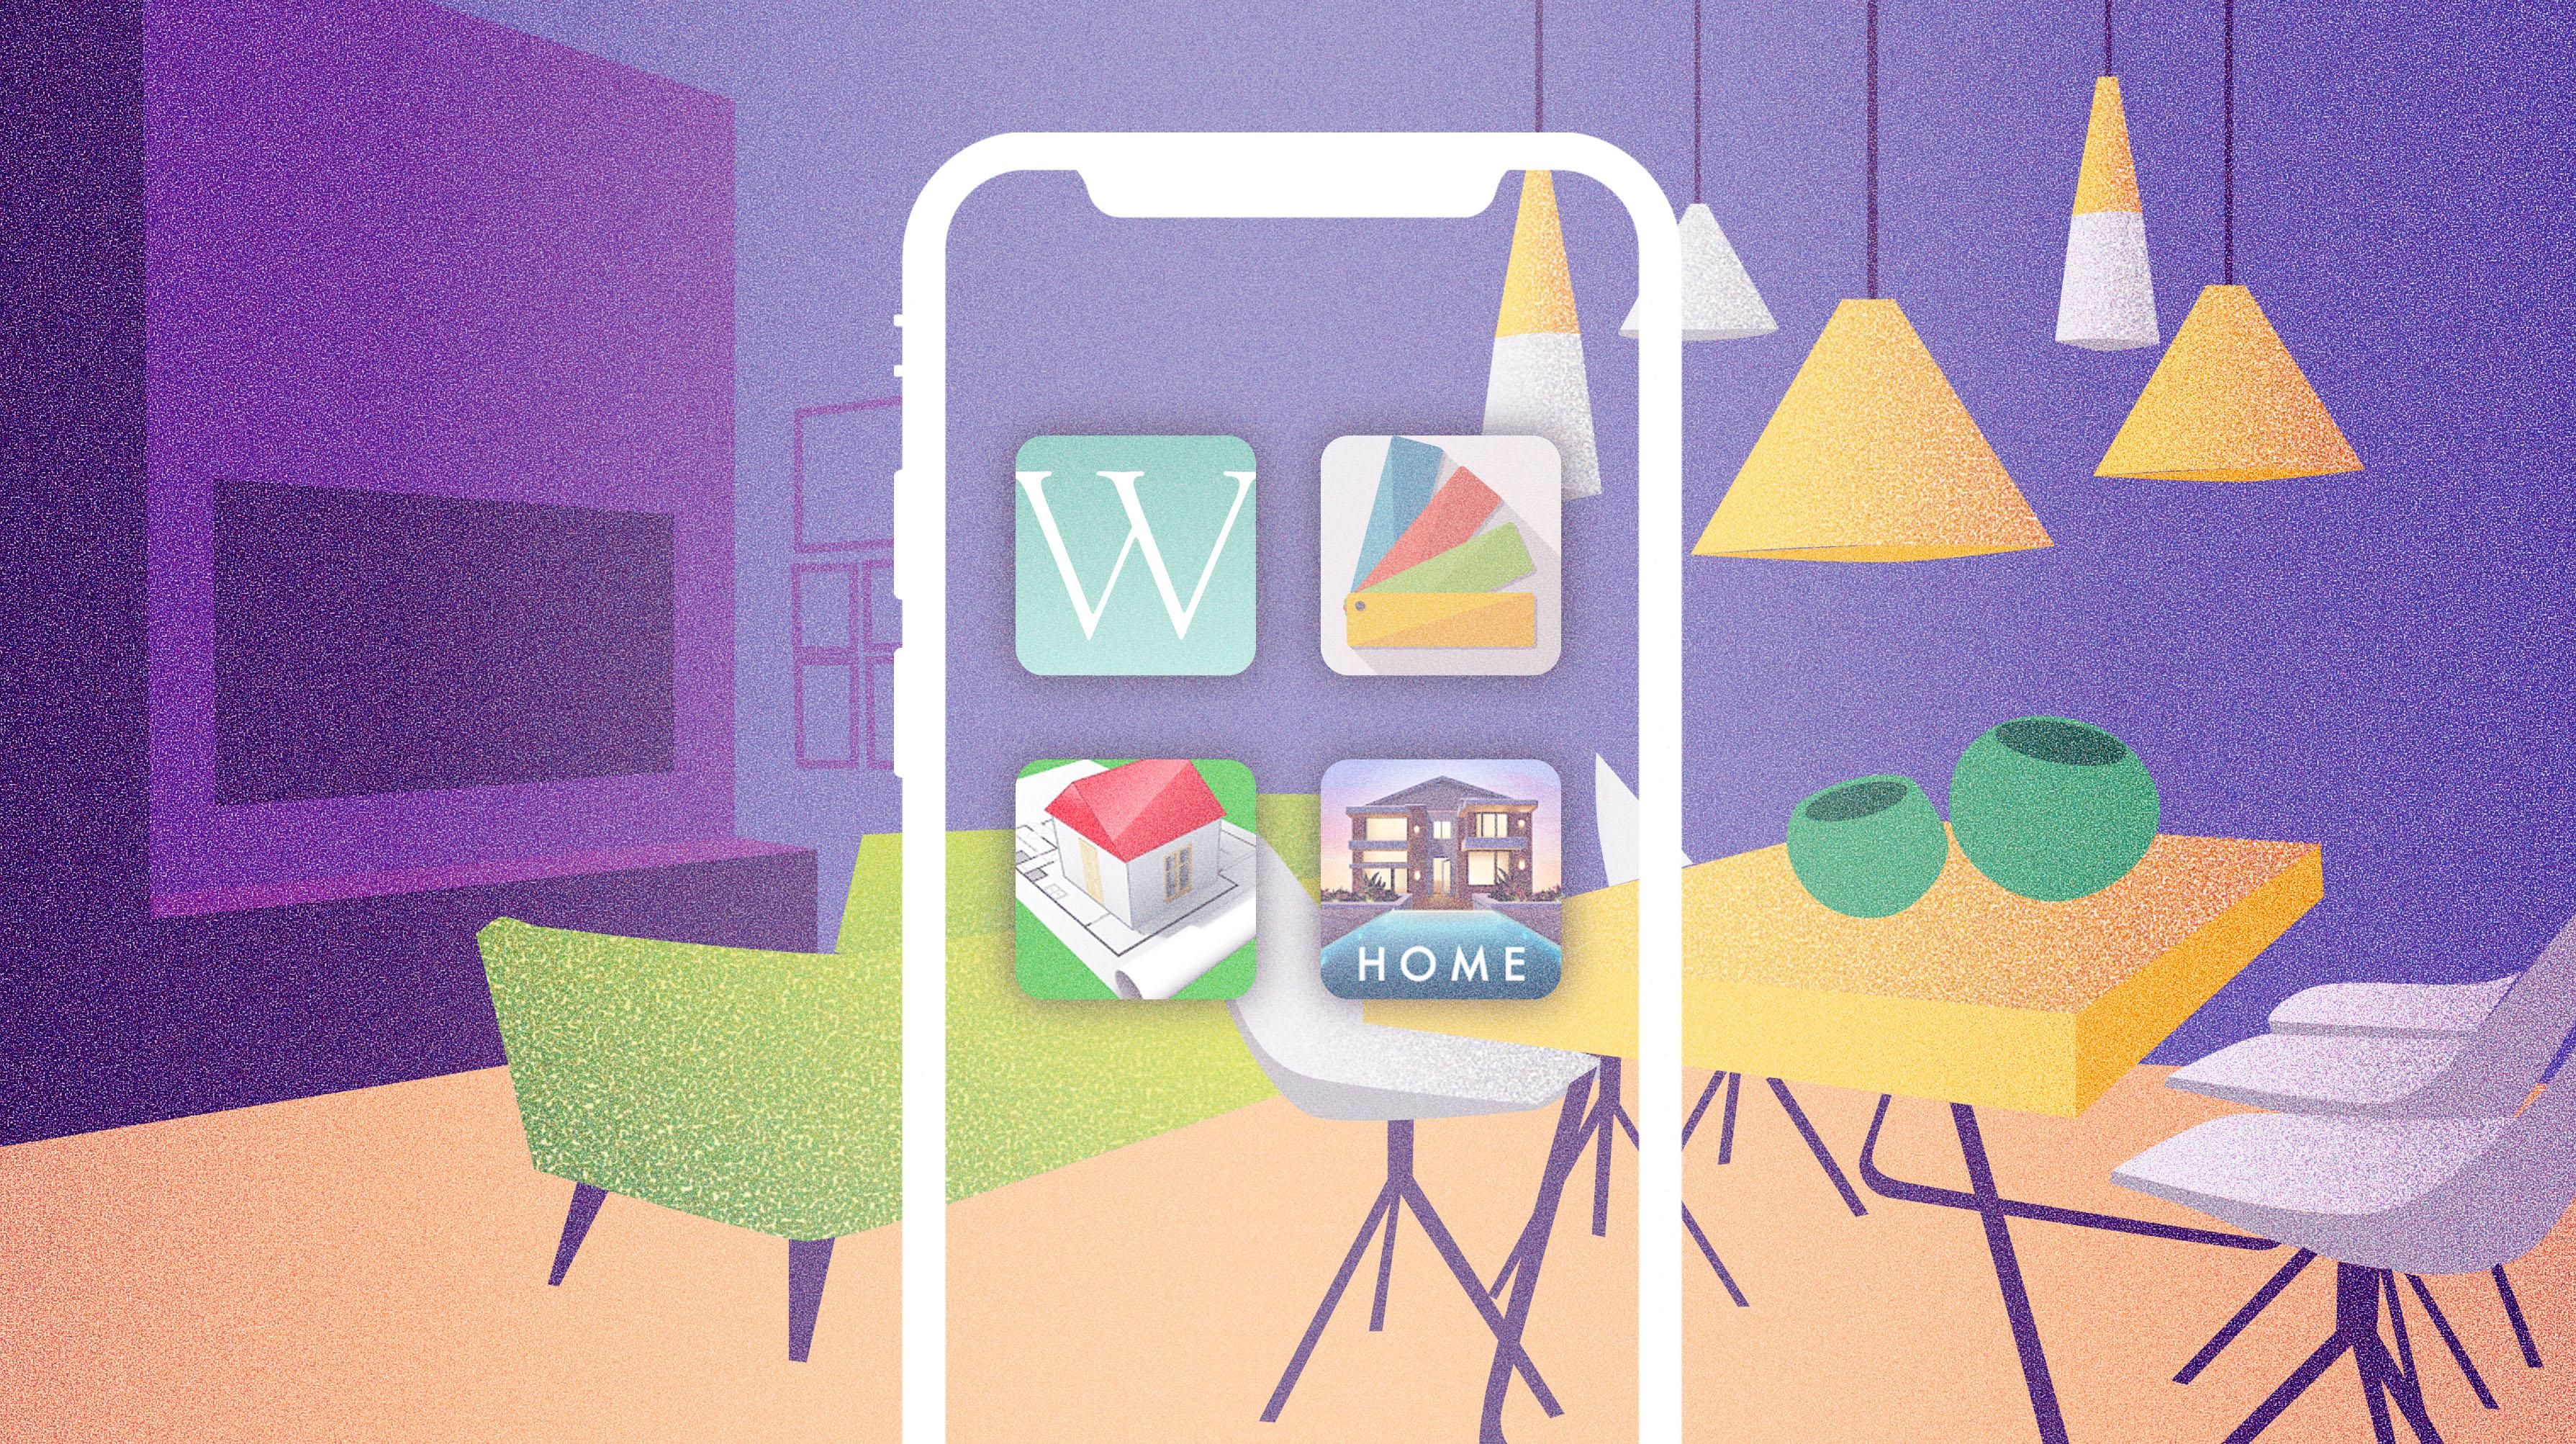 diseño de ilustracion para ilustrar post sobre aplicaciones de decoración para moviles y tablets kasaz portal inmobiliario diseño grafico